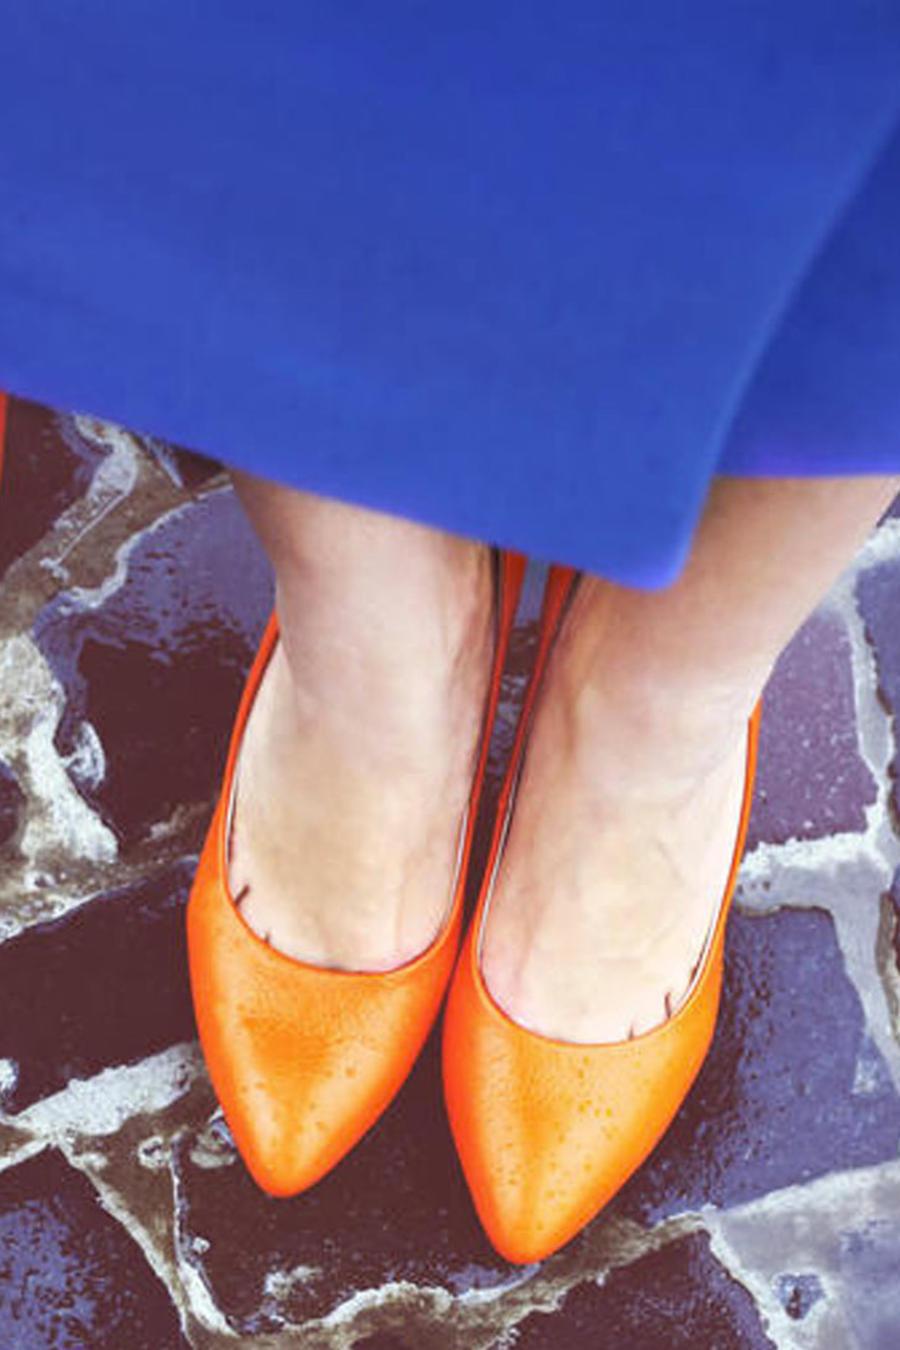 Zapatos y cartera de mujer